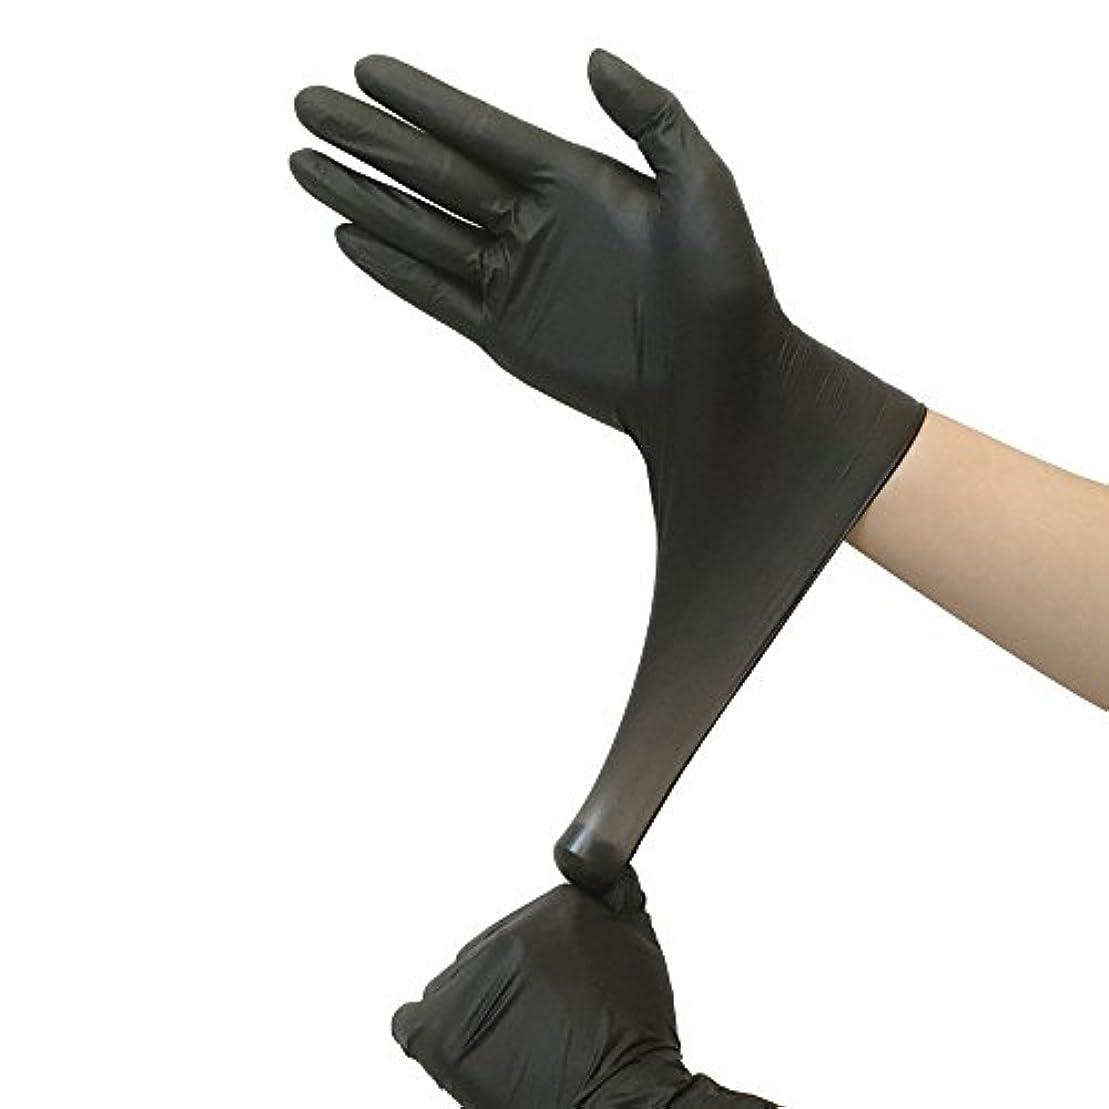 引数できれば消化ニトリル手袋  使い捨て手袋 粉なし 100枚入 ブラック